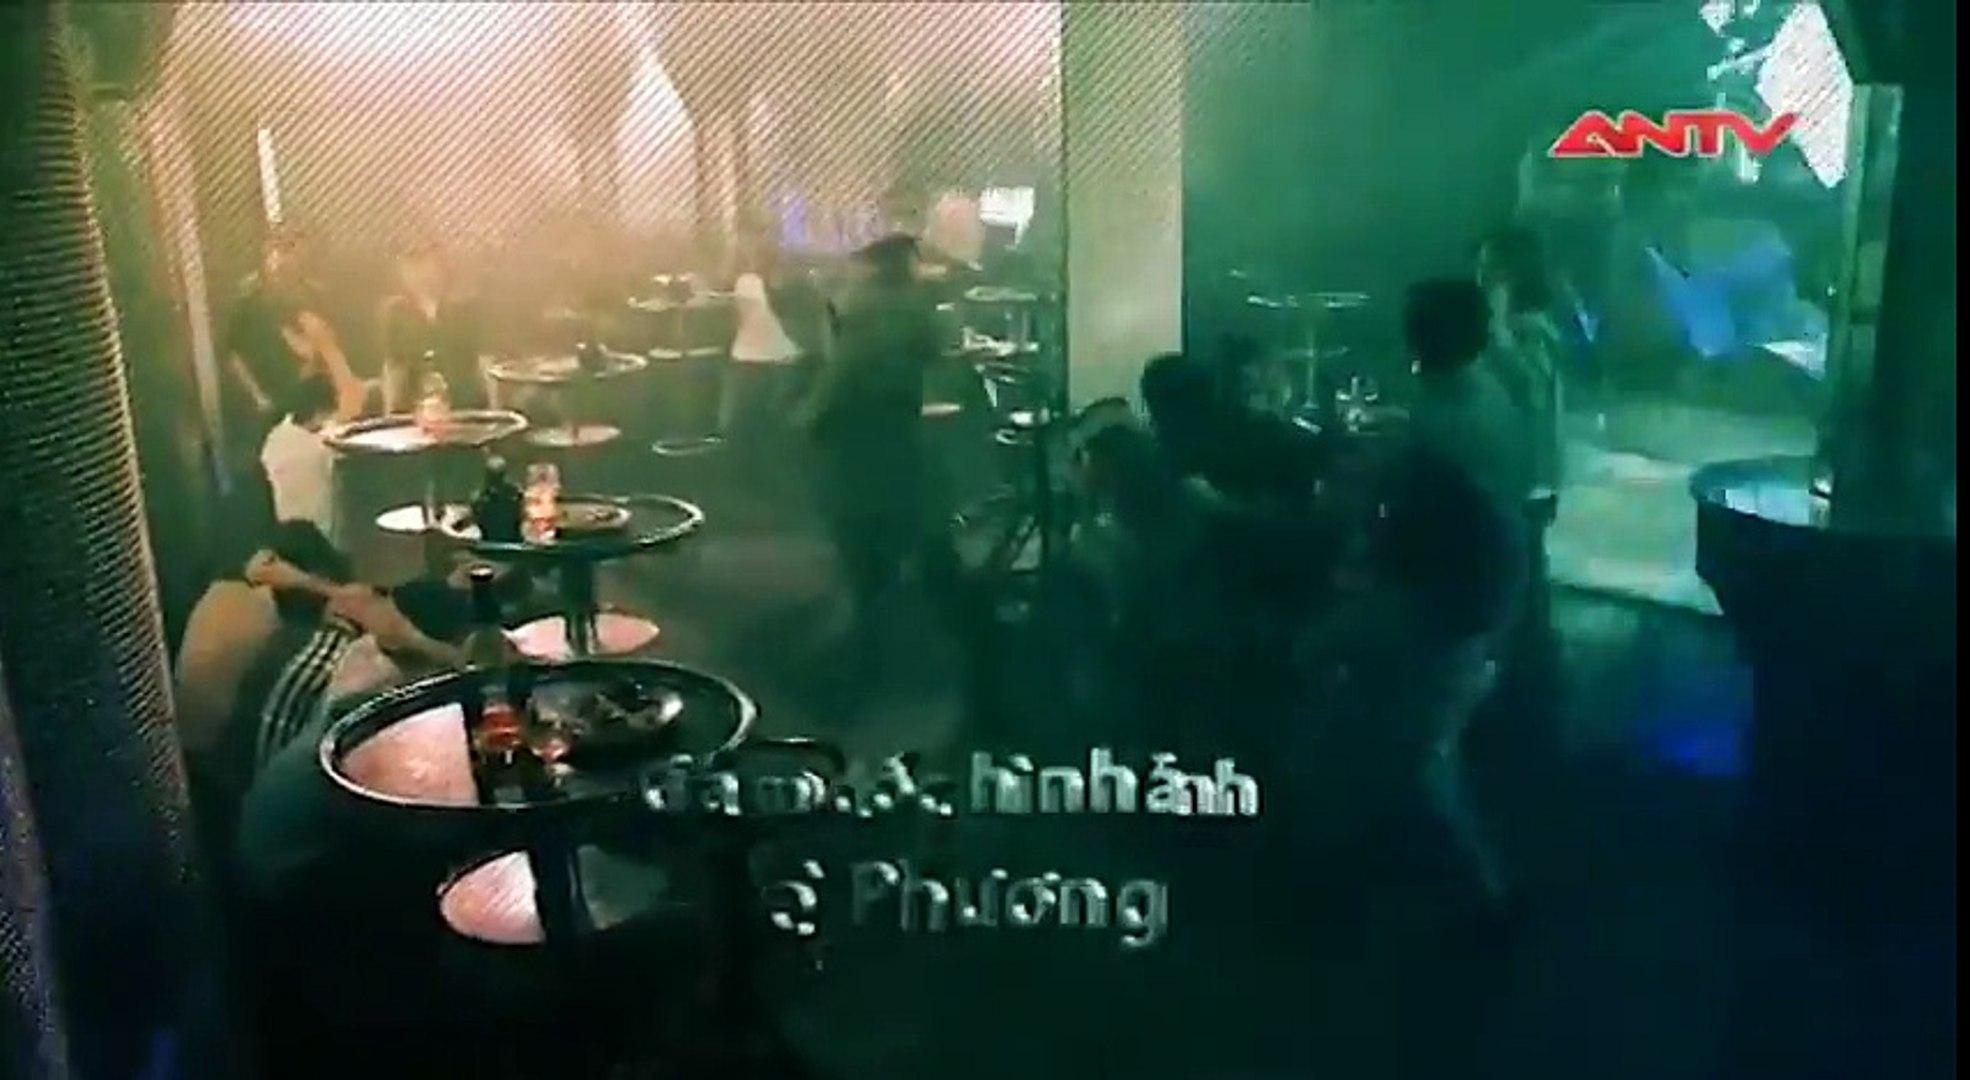 CON GÁI ÔNG TRÙM TẬP 29 - Phim Việt Nam bom tấn trên ANTV